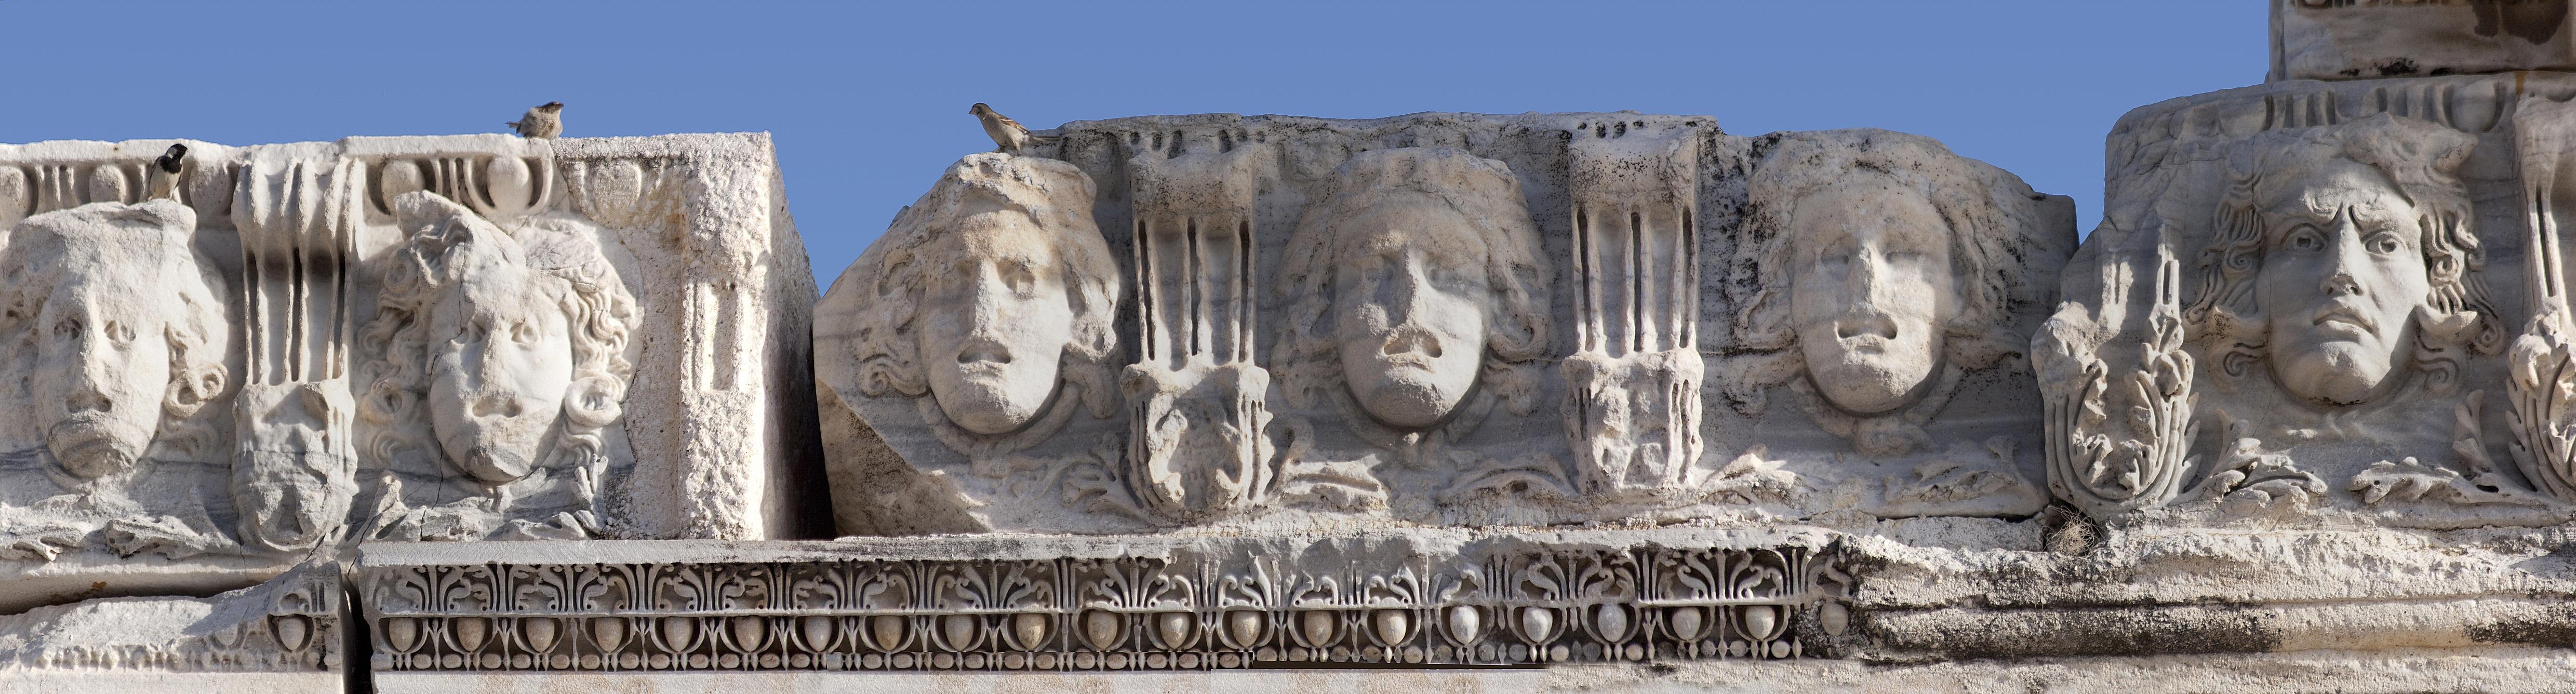 Fries Architektur kostenlose foto meer struktur bildung urlaub ruine tourismus